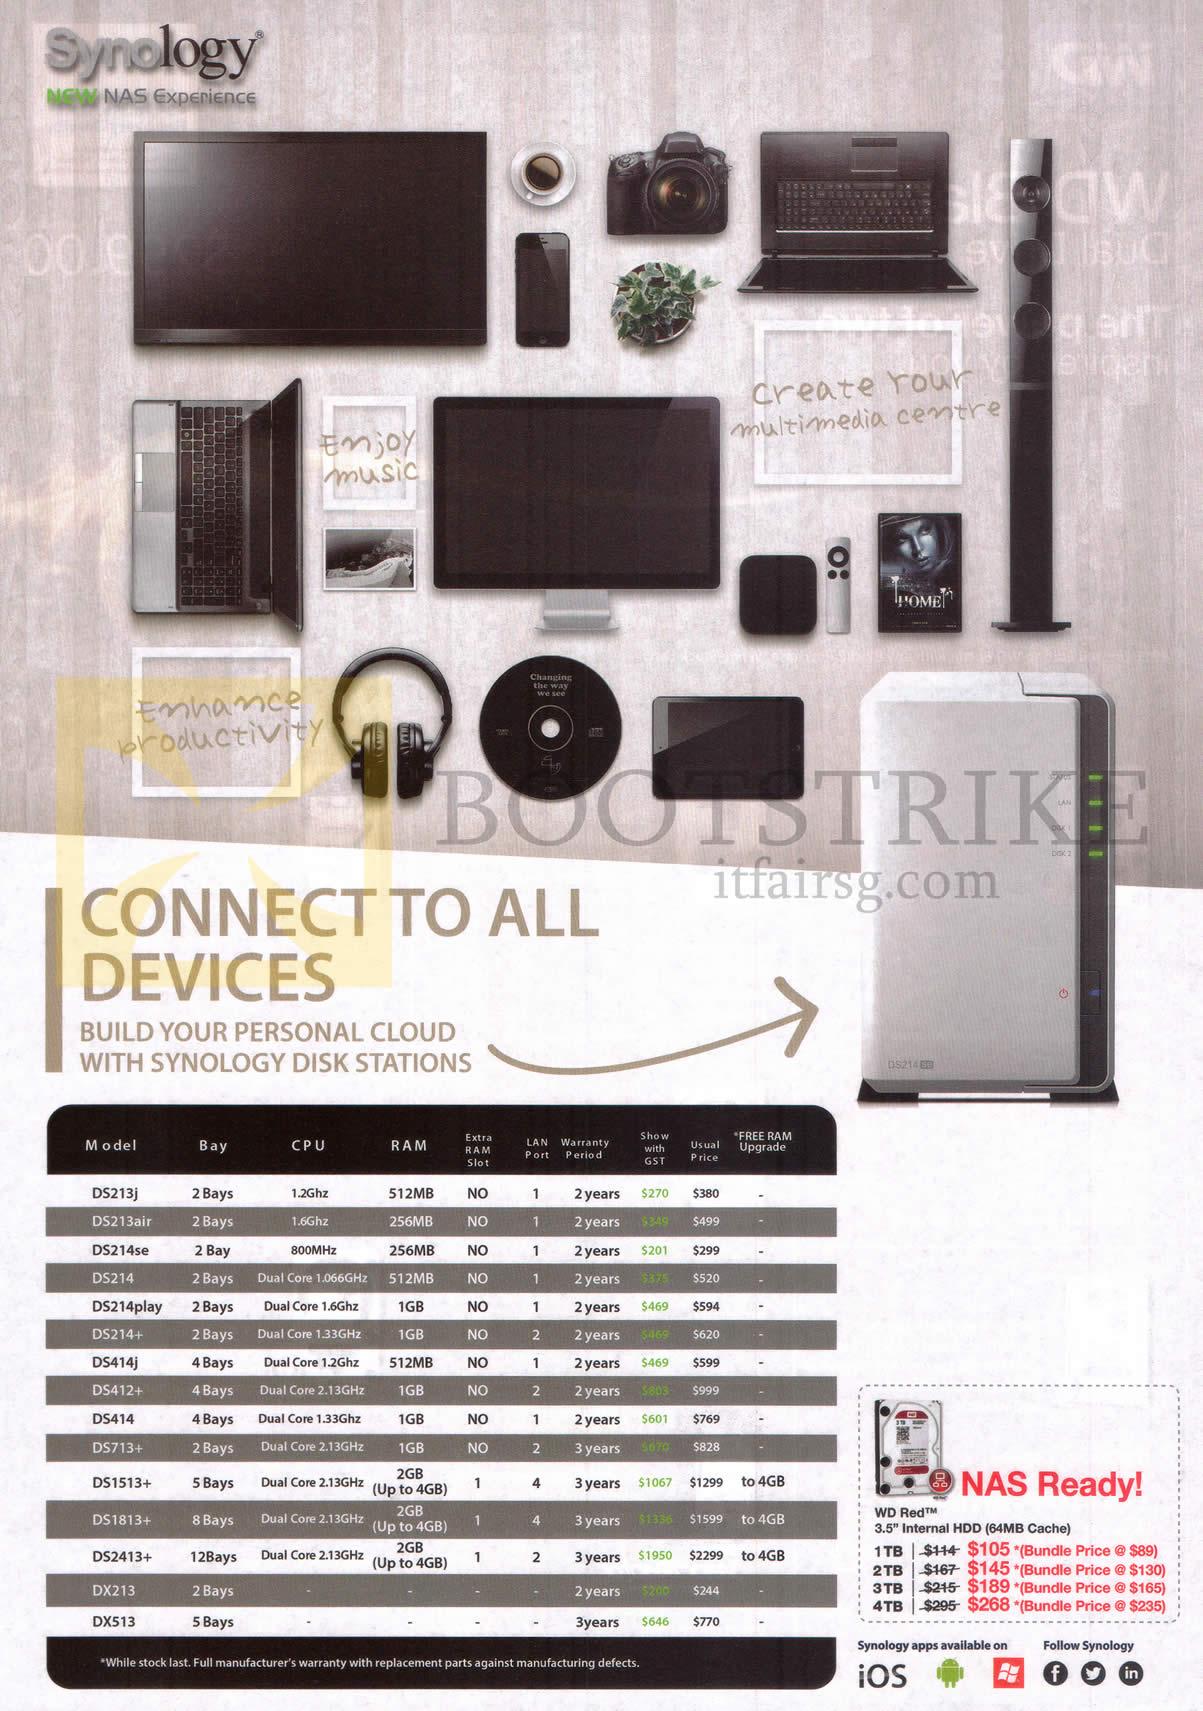 PC SHOW 2014 price list image brochure of Synology NAS DiskStation DS213j, DS214, SE, Play, Plus, DS414j, 713Plus, 1513plus, 1813plus, 2413plus, 213, 513